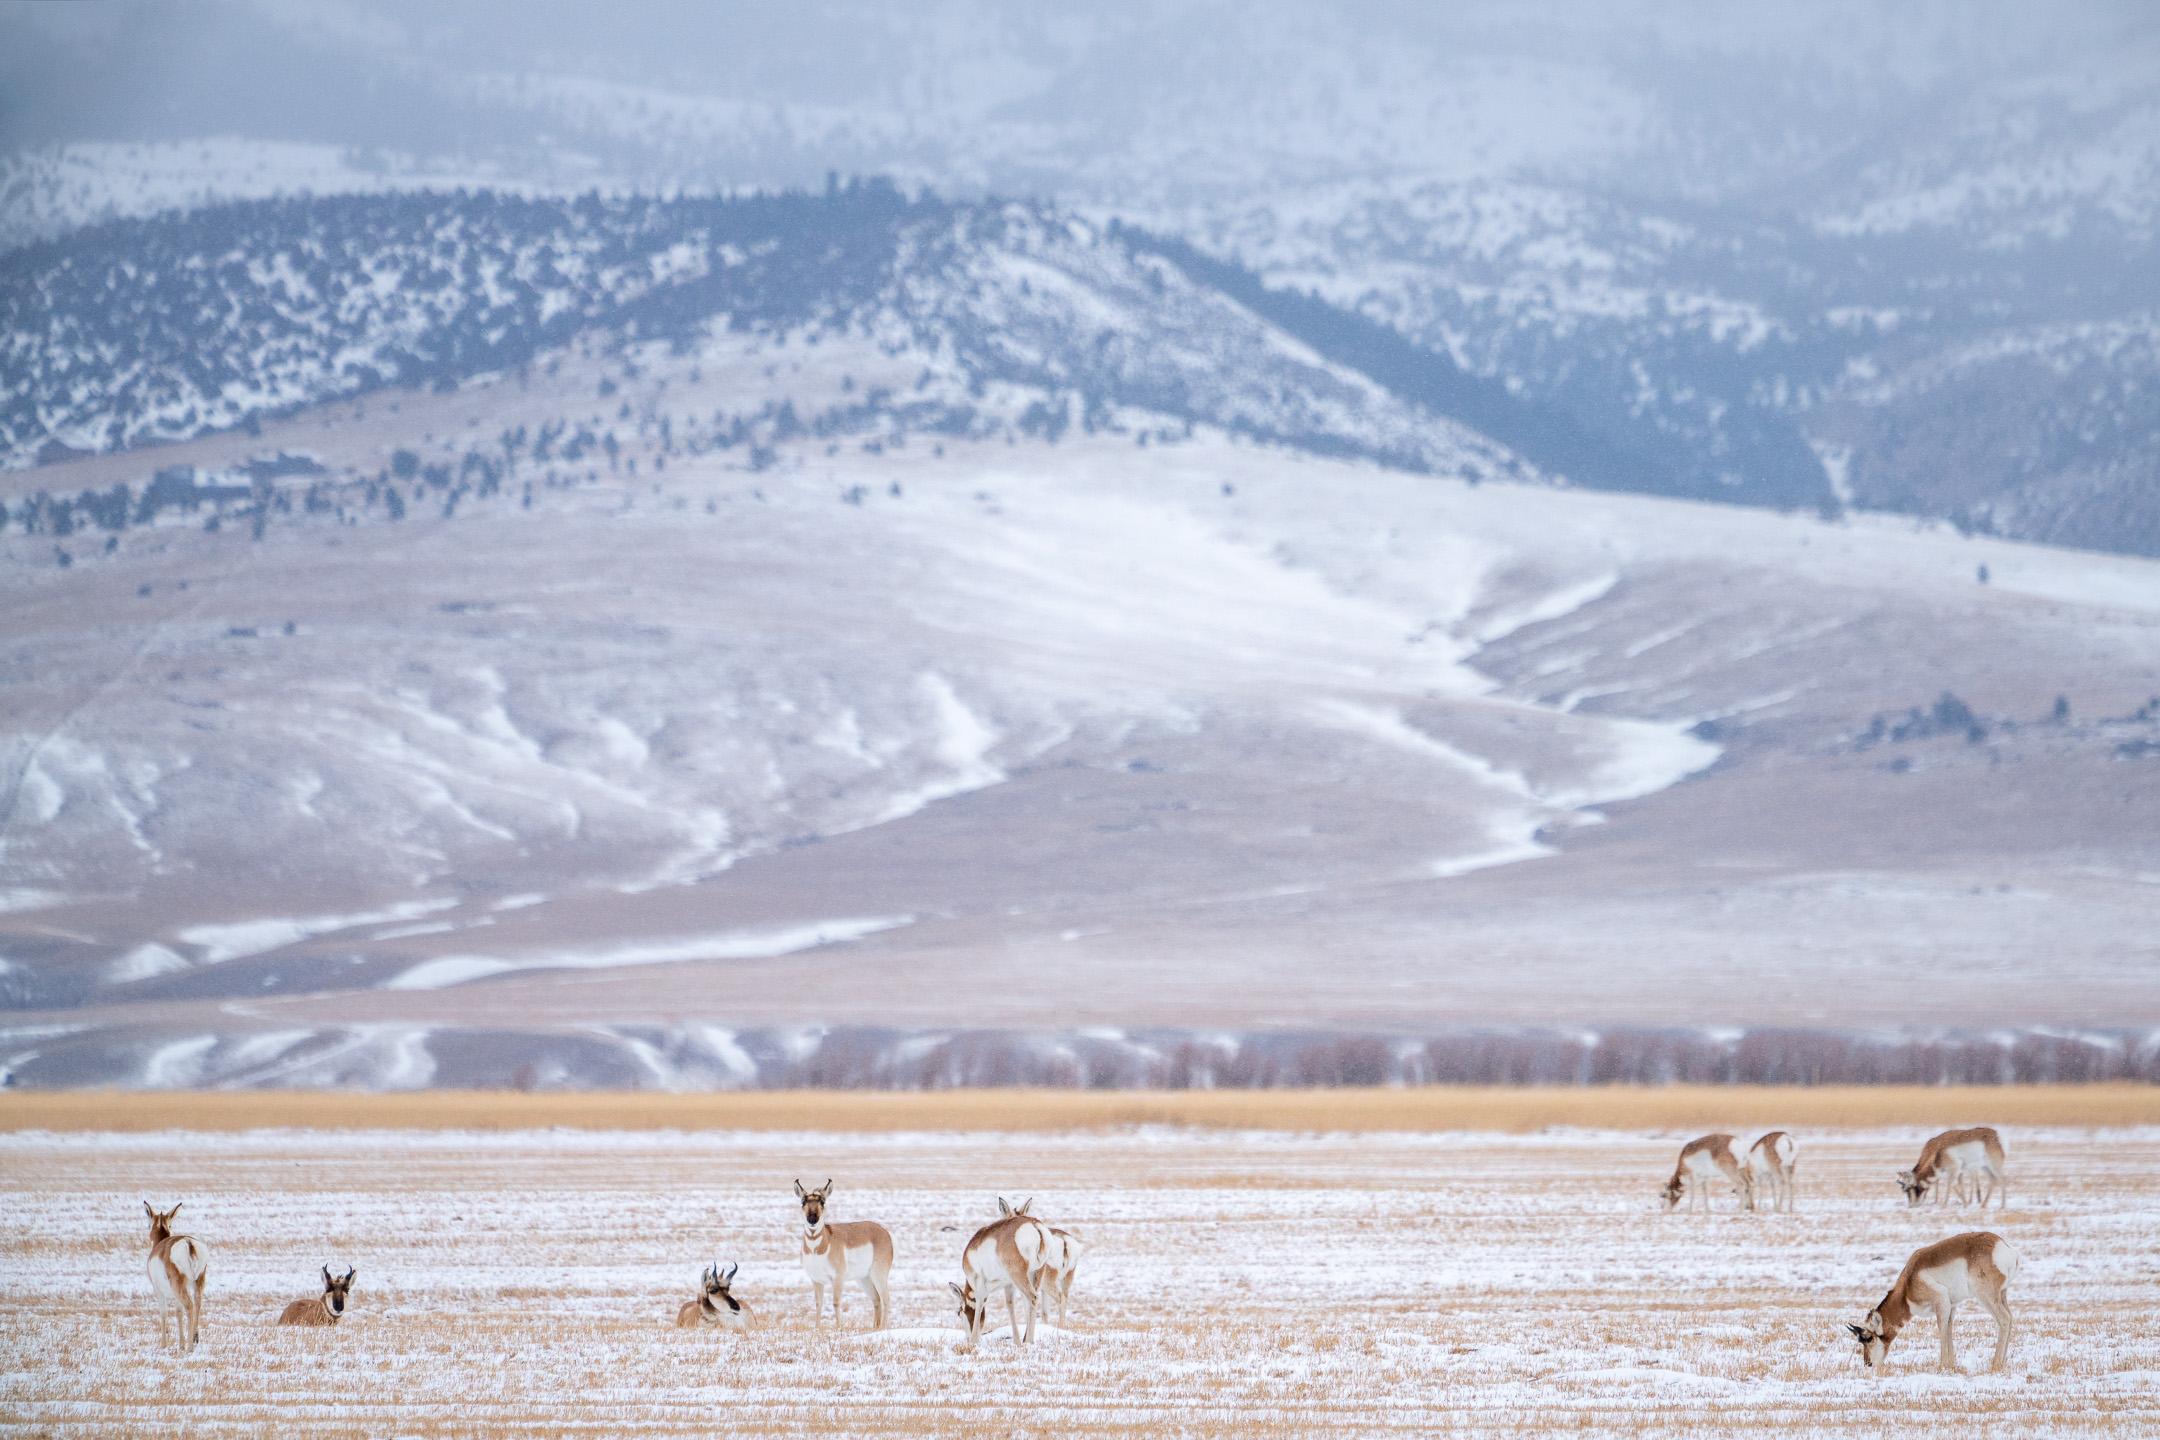 Gaffelhertantilopen, Yellowstone